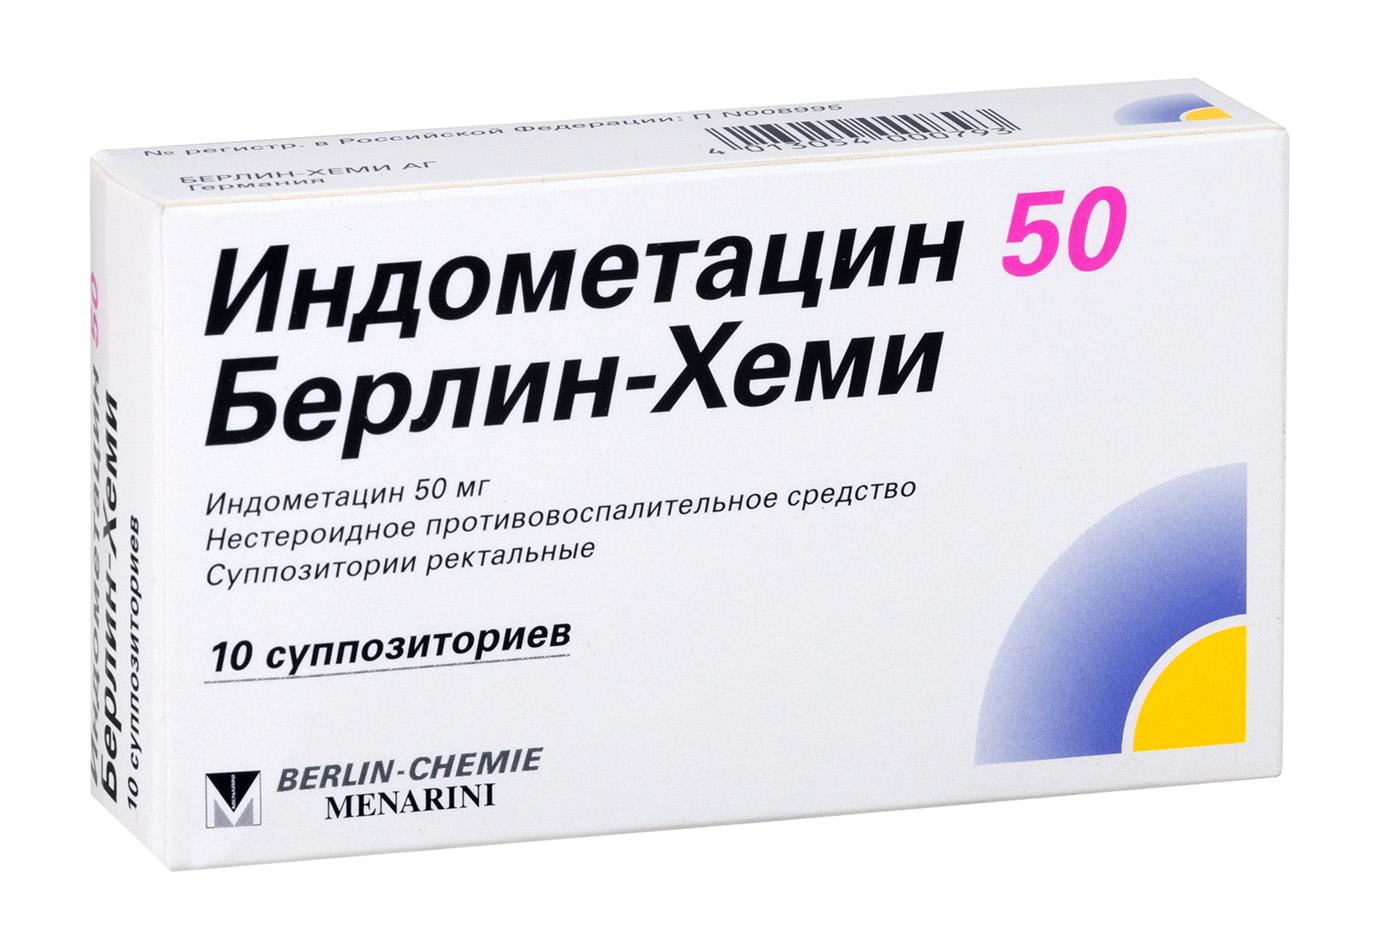 Индометацин 50 берлин-хеми супп. рект. n10